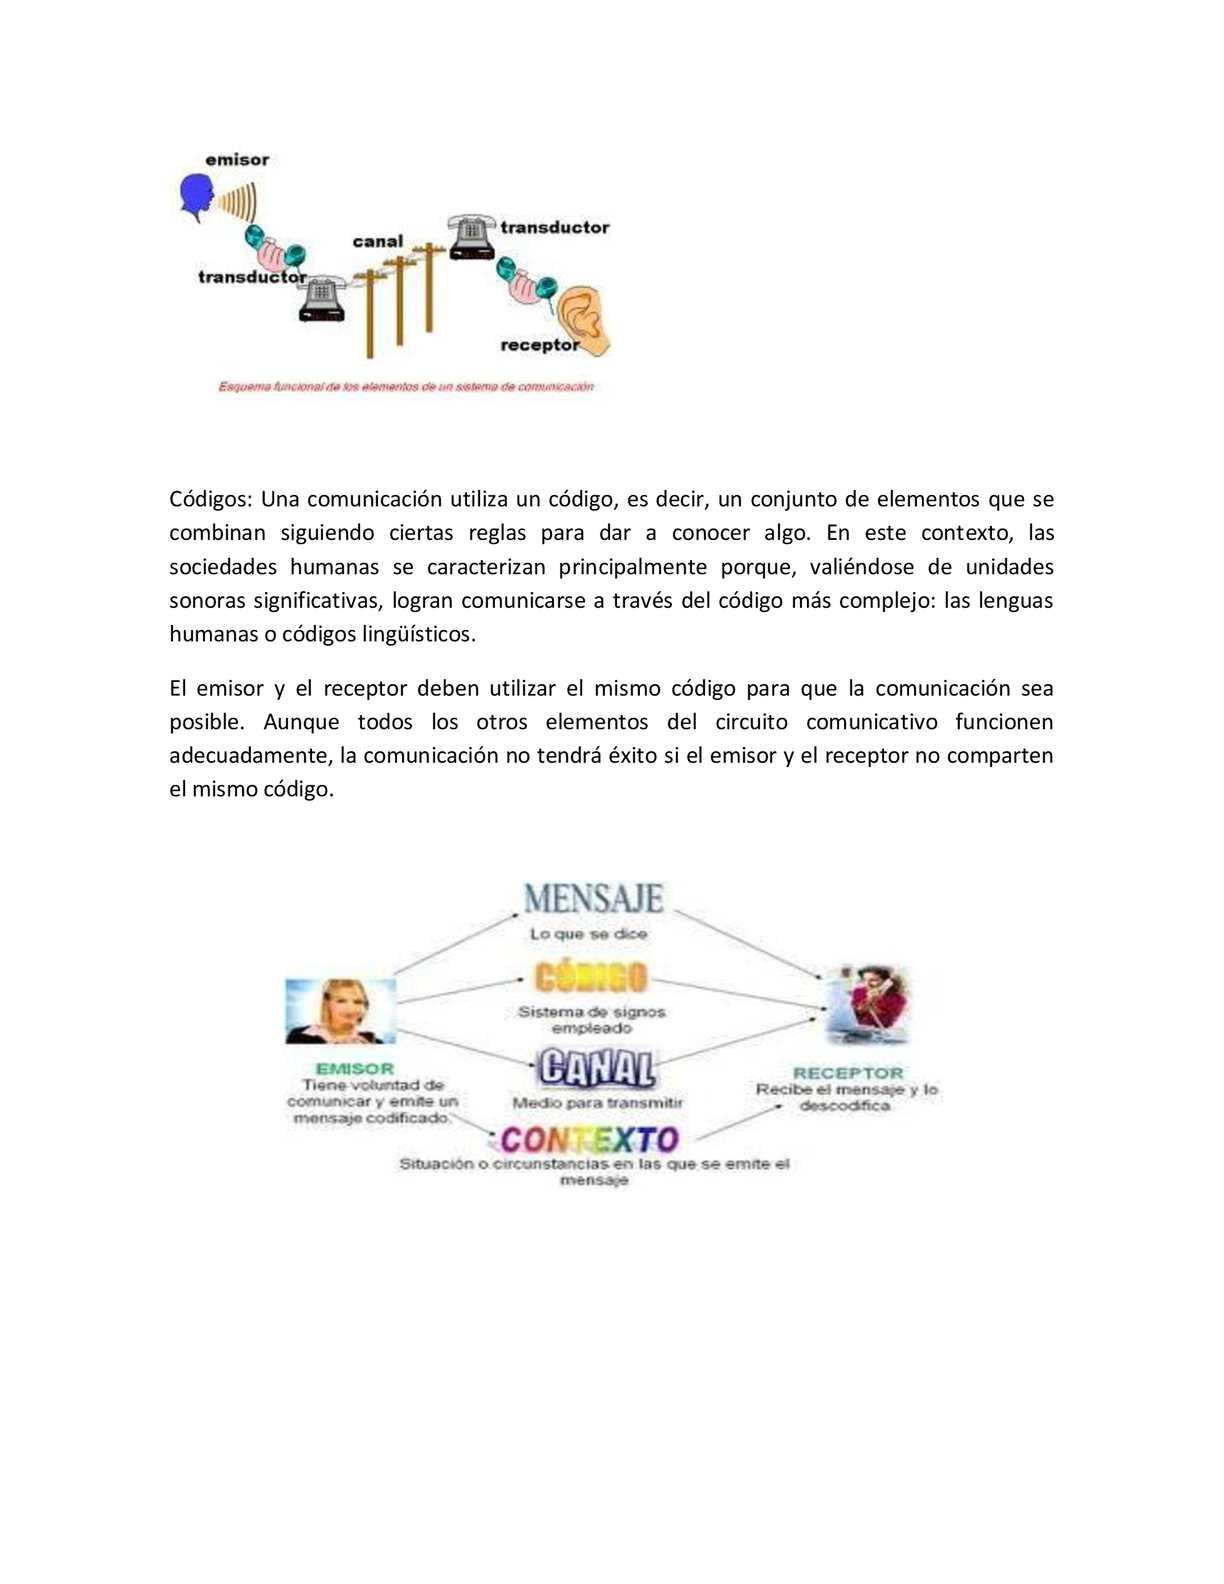 Circuito Comunicativo : 1.2 receptor emisor receptor medios codigos y protocolos calameo